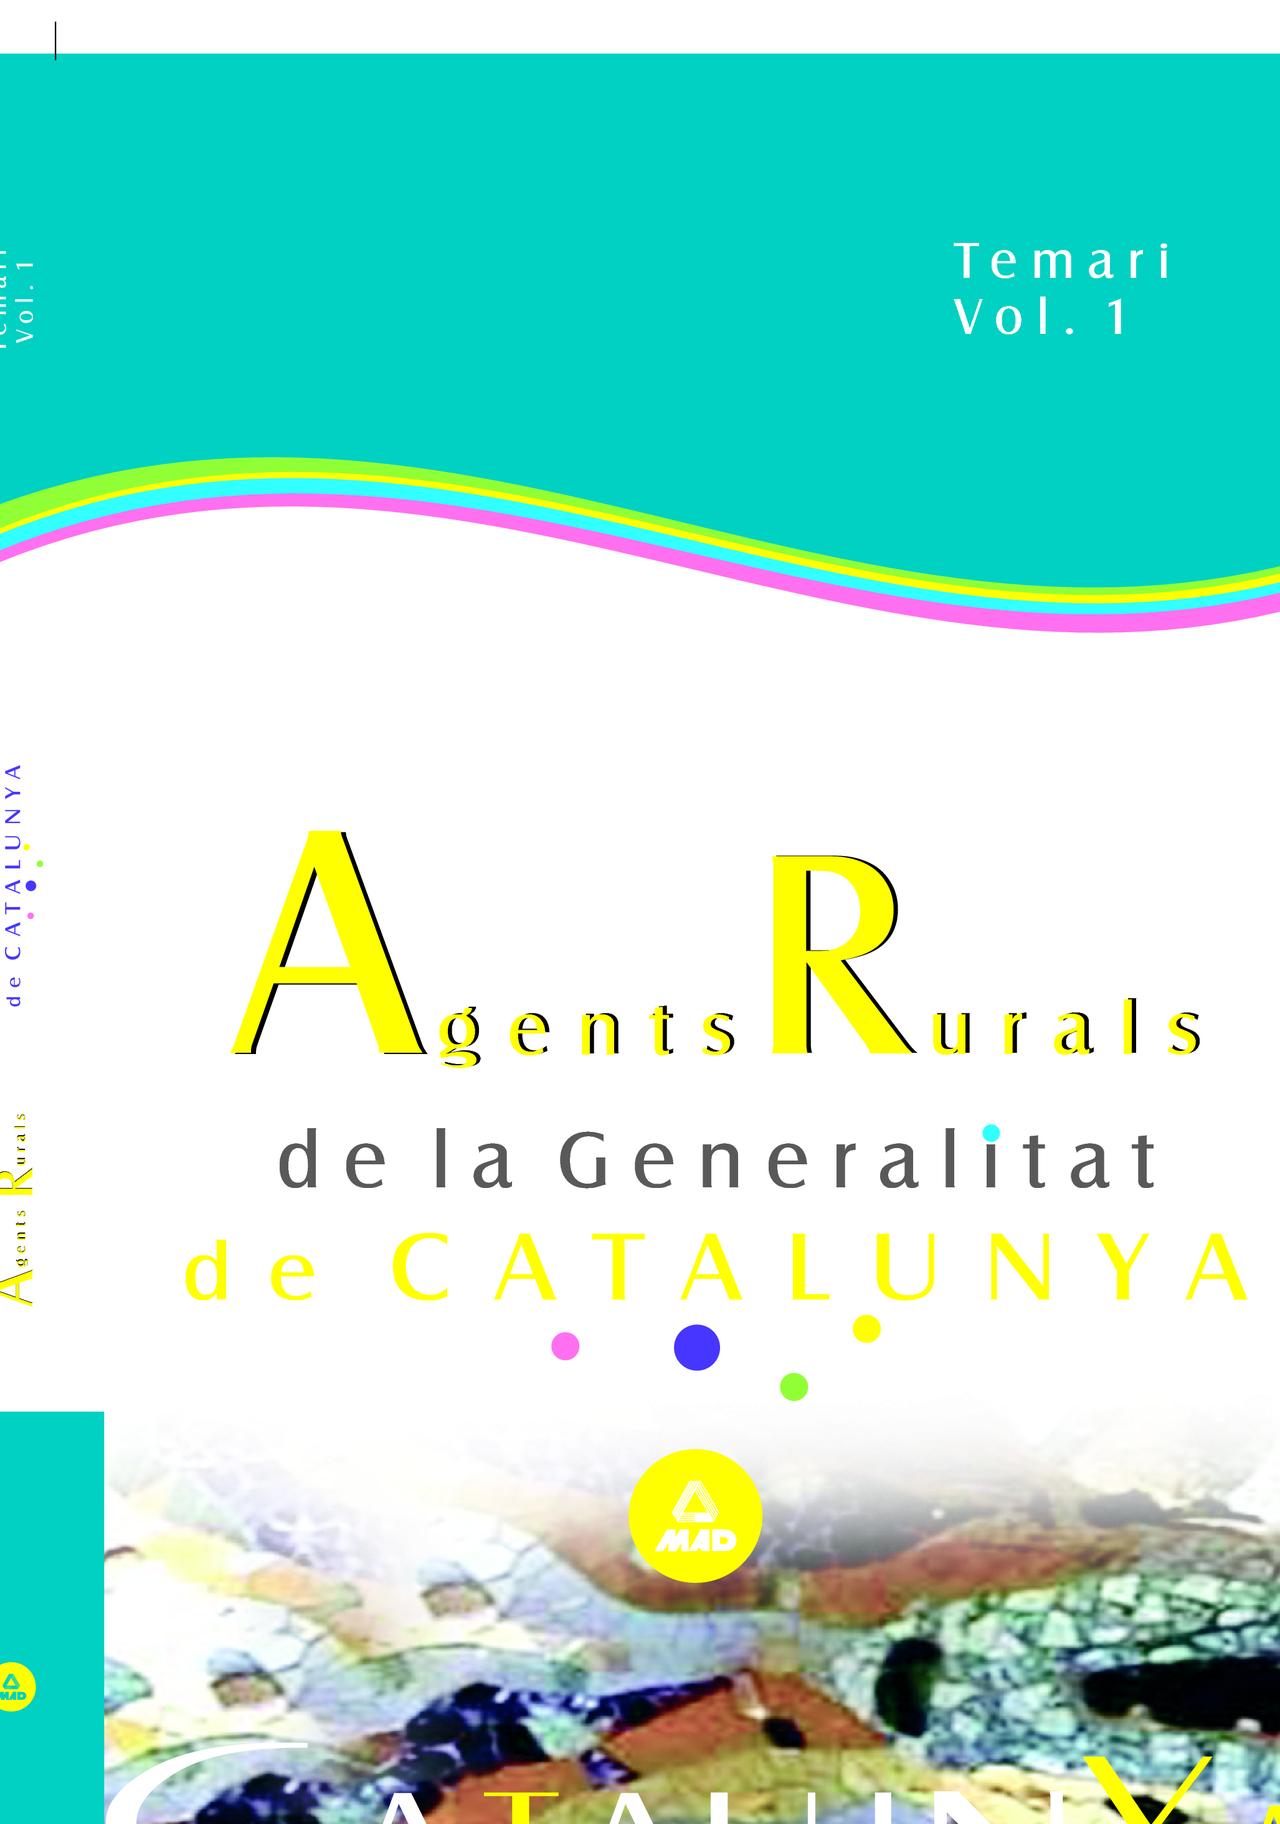 Agents Rurals De La Generalitat De Catalunya. Temari. Vol. 1 por Vv.aa.